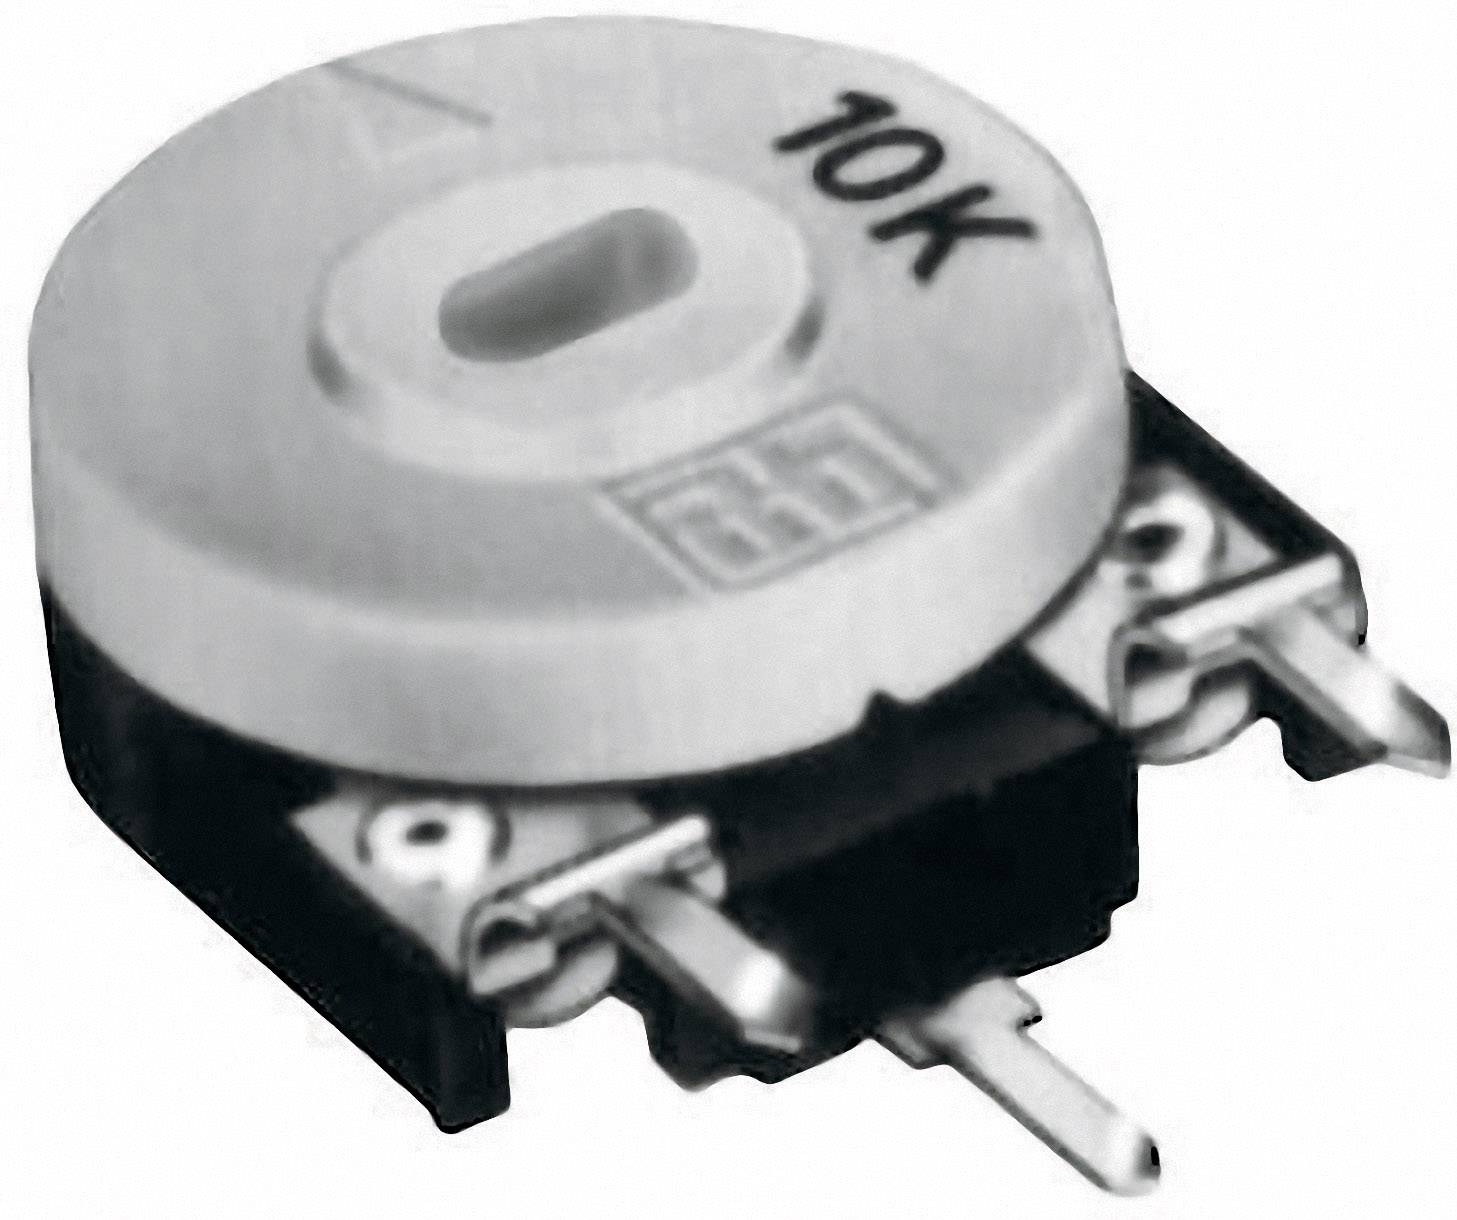 Uhlíkový trimer TT Electronics AB 21553205, lineárny, 47 kOhm, 0.15 W, 1 ks